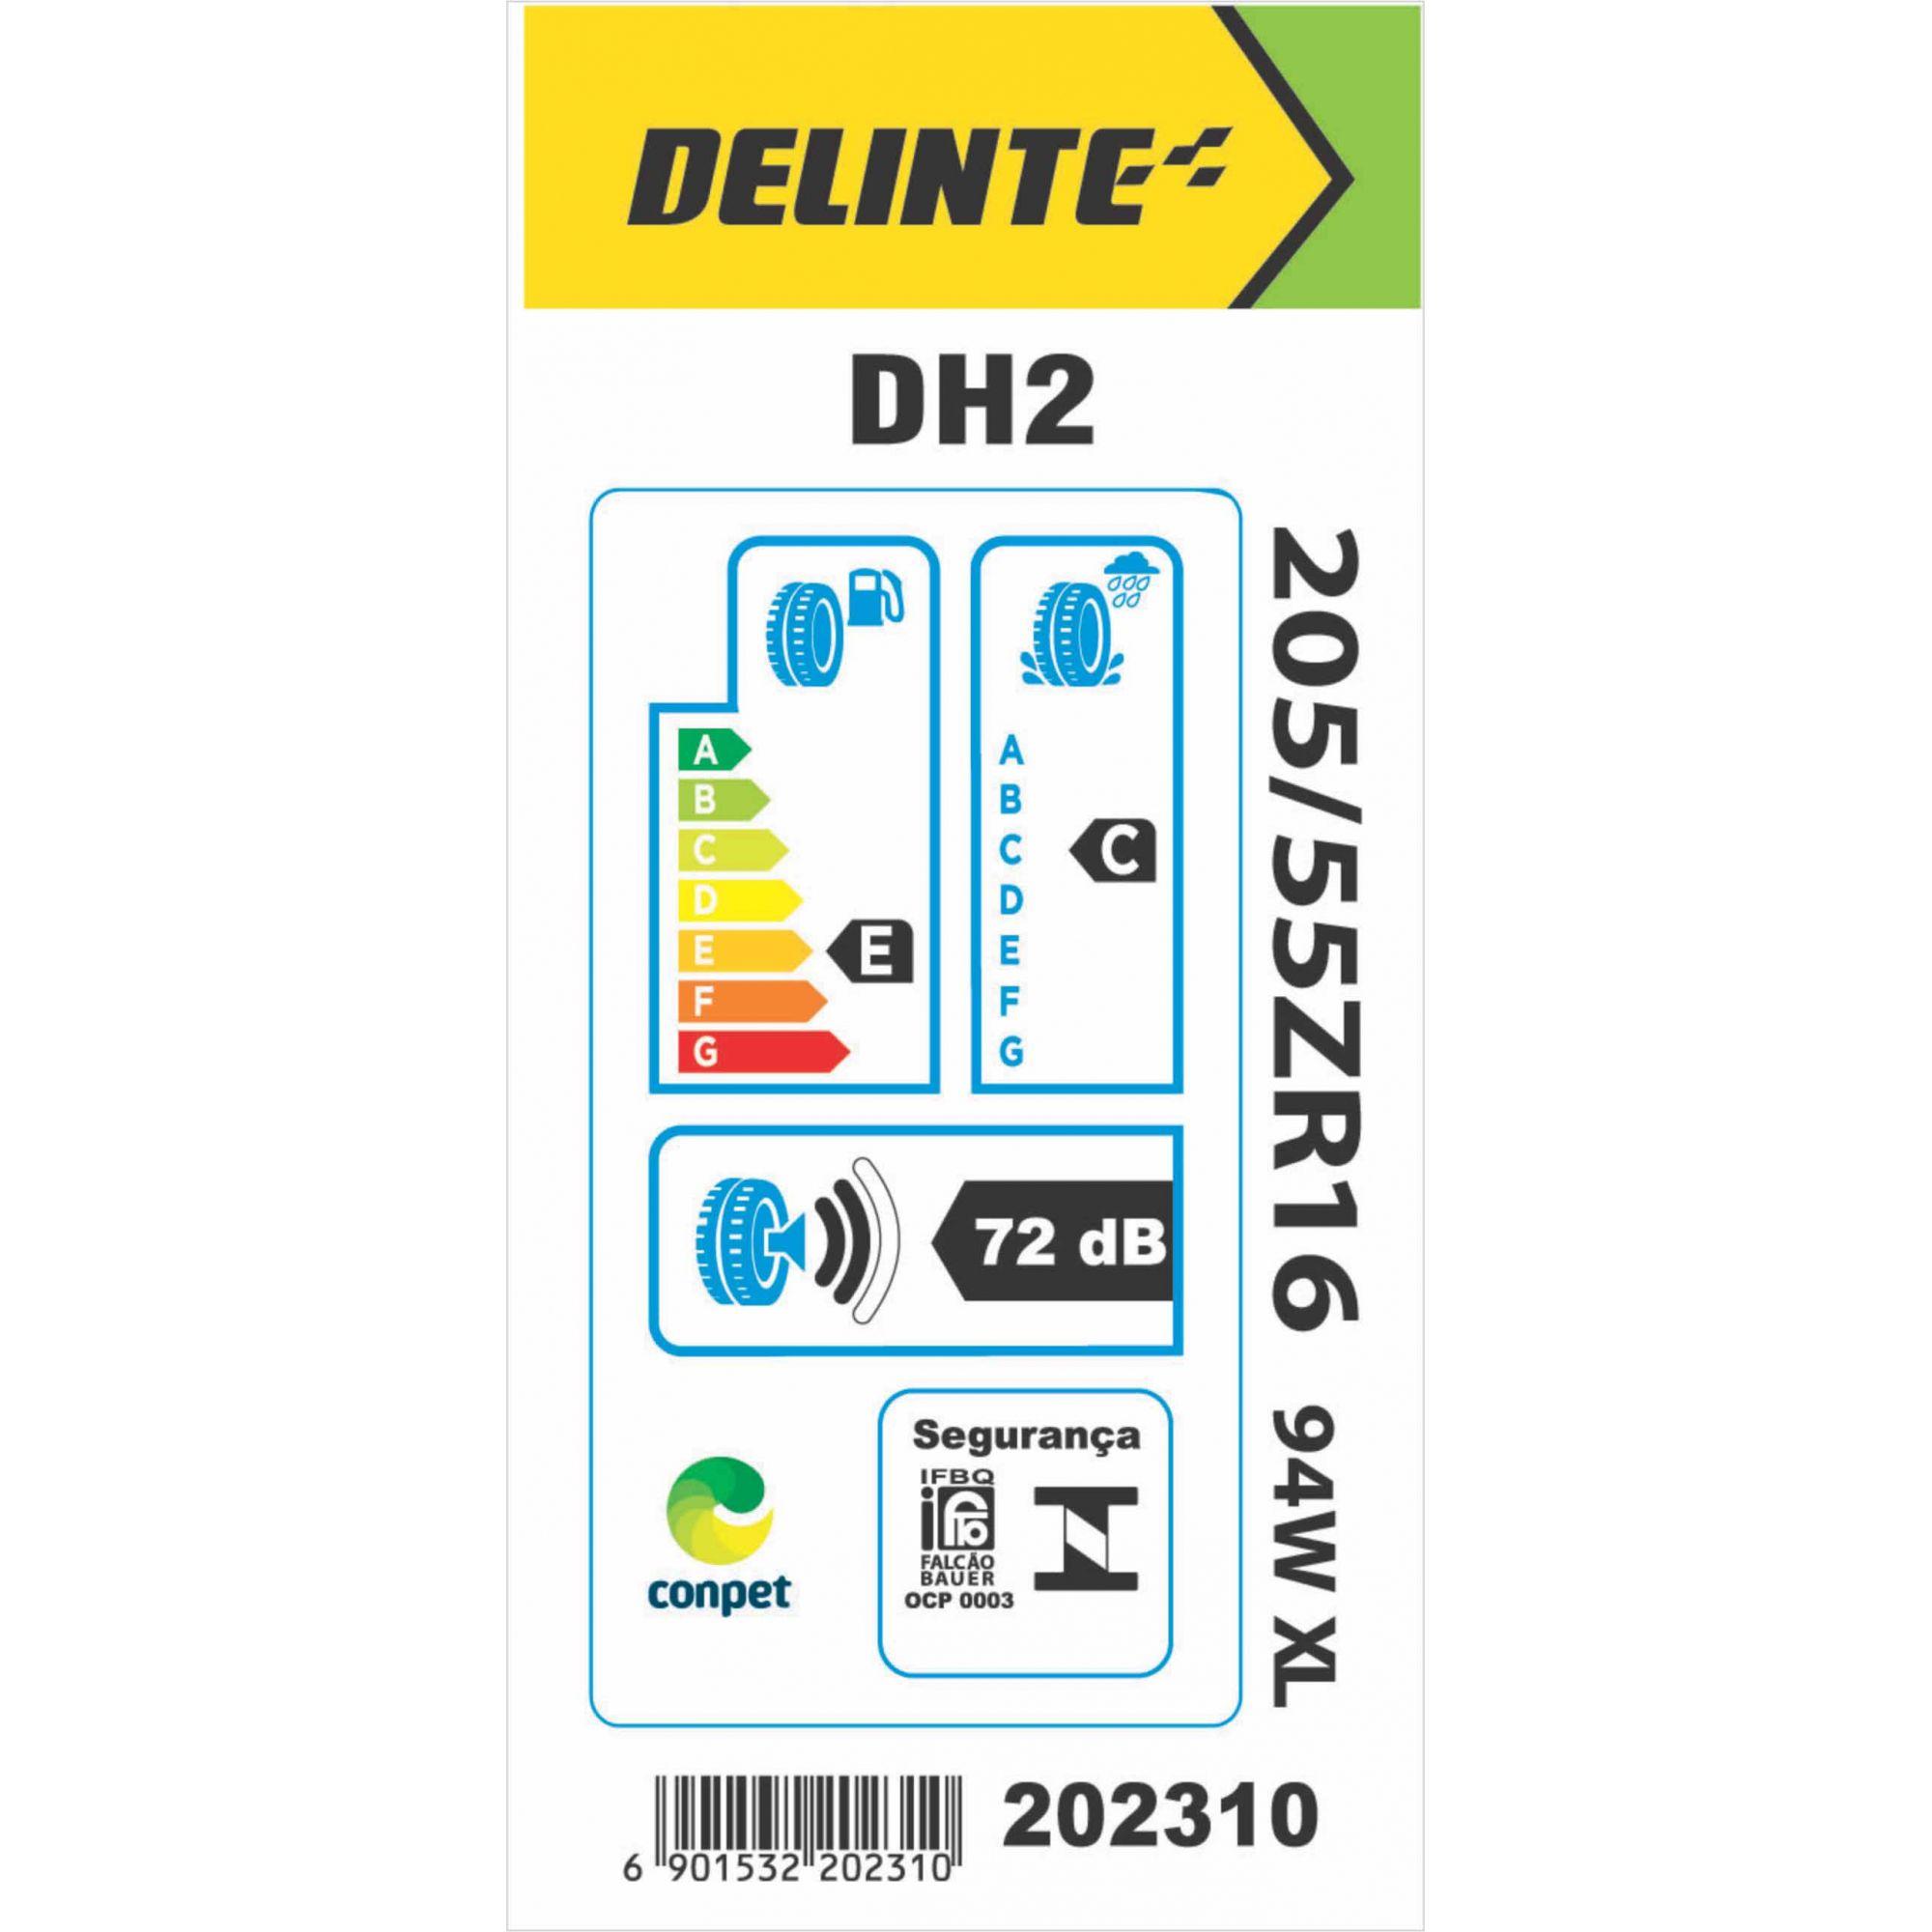 Pneu 205/55R16 Delinte DH2 94W